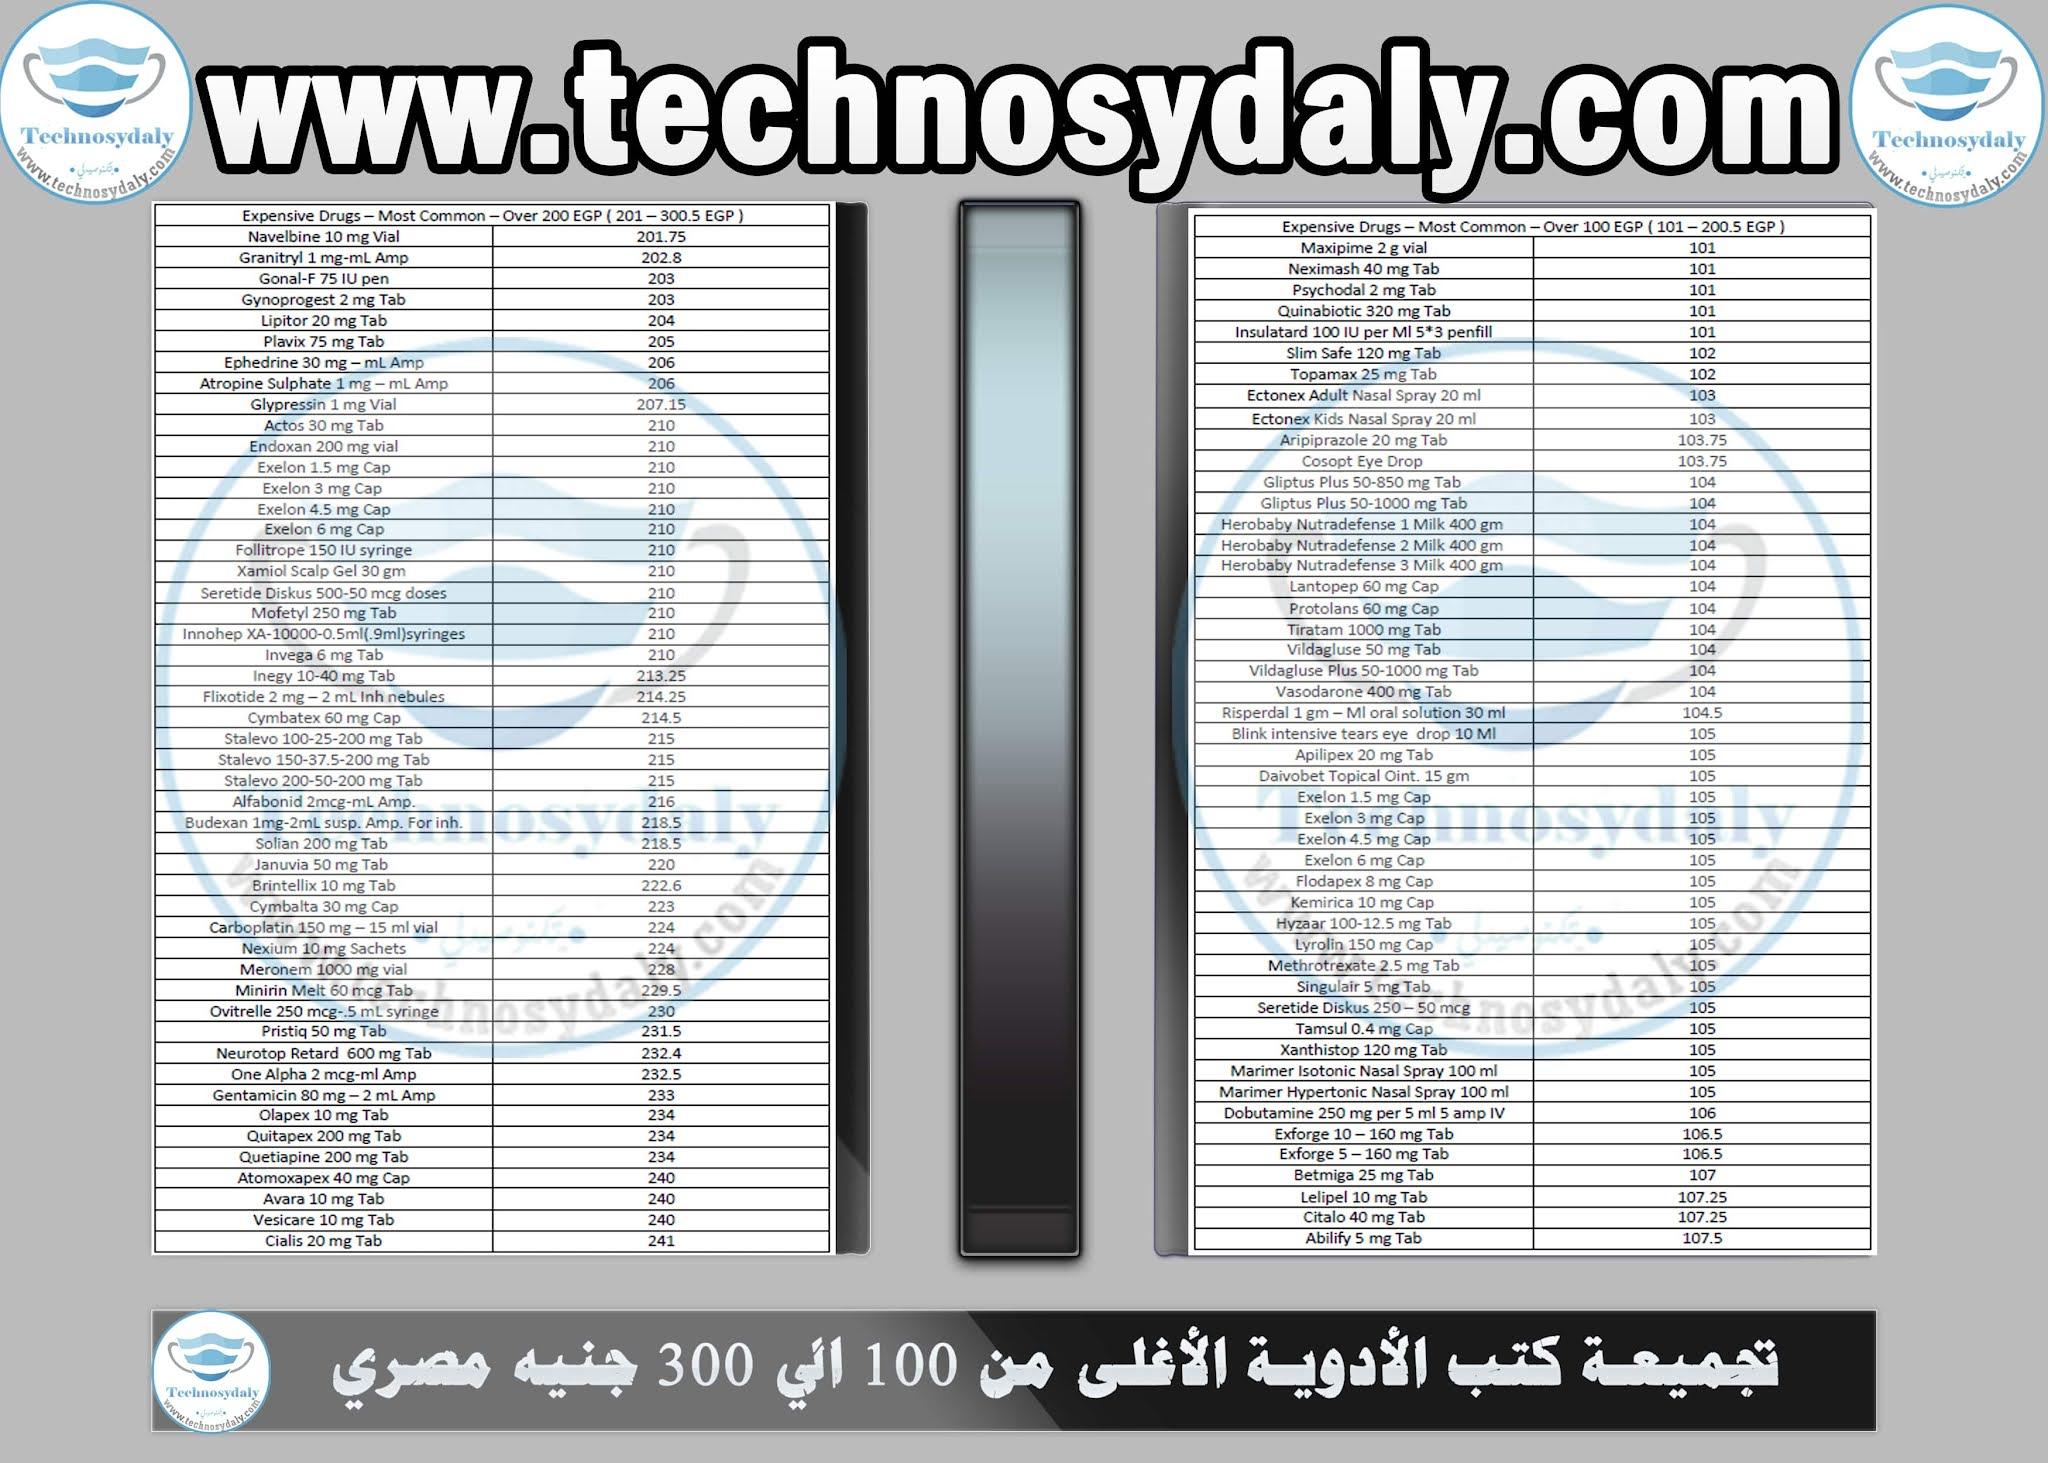 تجميعة كتب الأدوية الأغلى من 100 الي 300 جنيه مصري The most expensive drugs from 100 to 200 LE